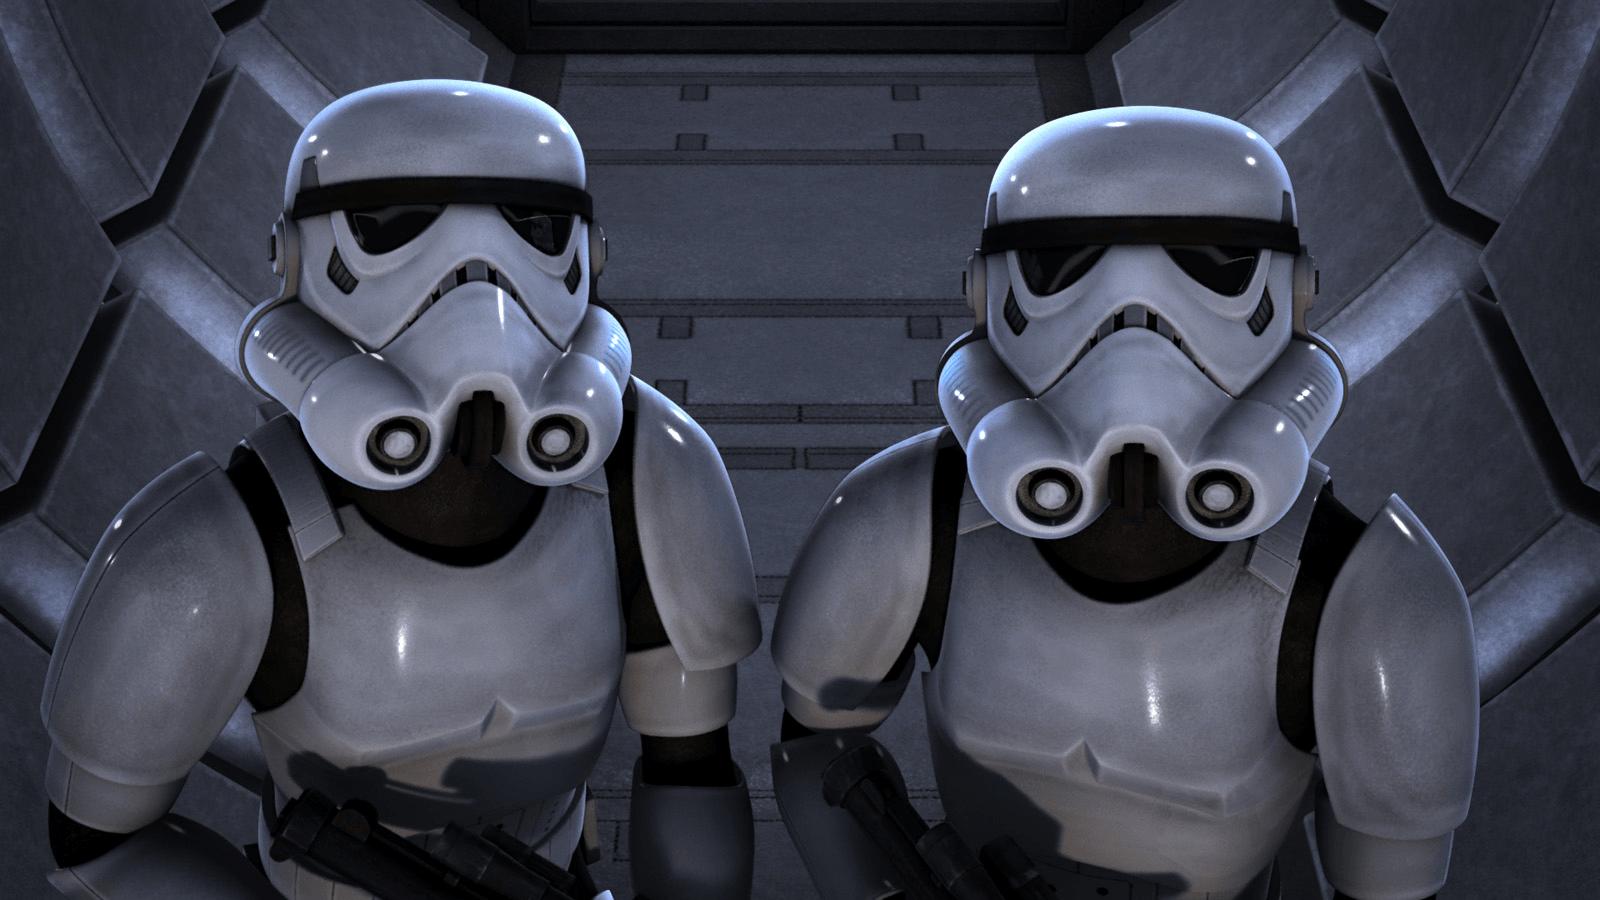 Stormtroopers Computer Wallpapers, Desktop Backgrounds | 1600x900 ...